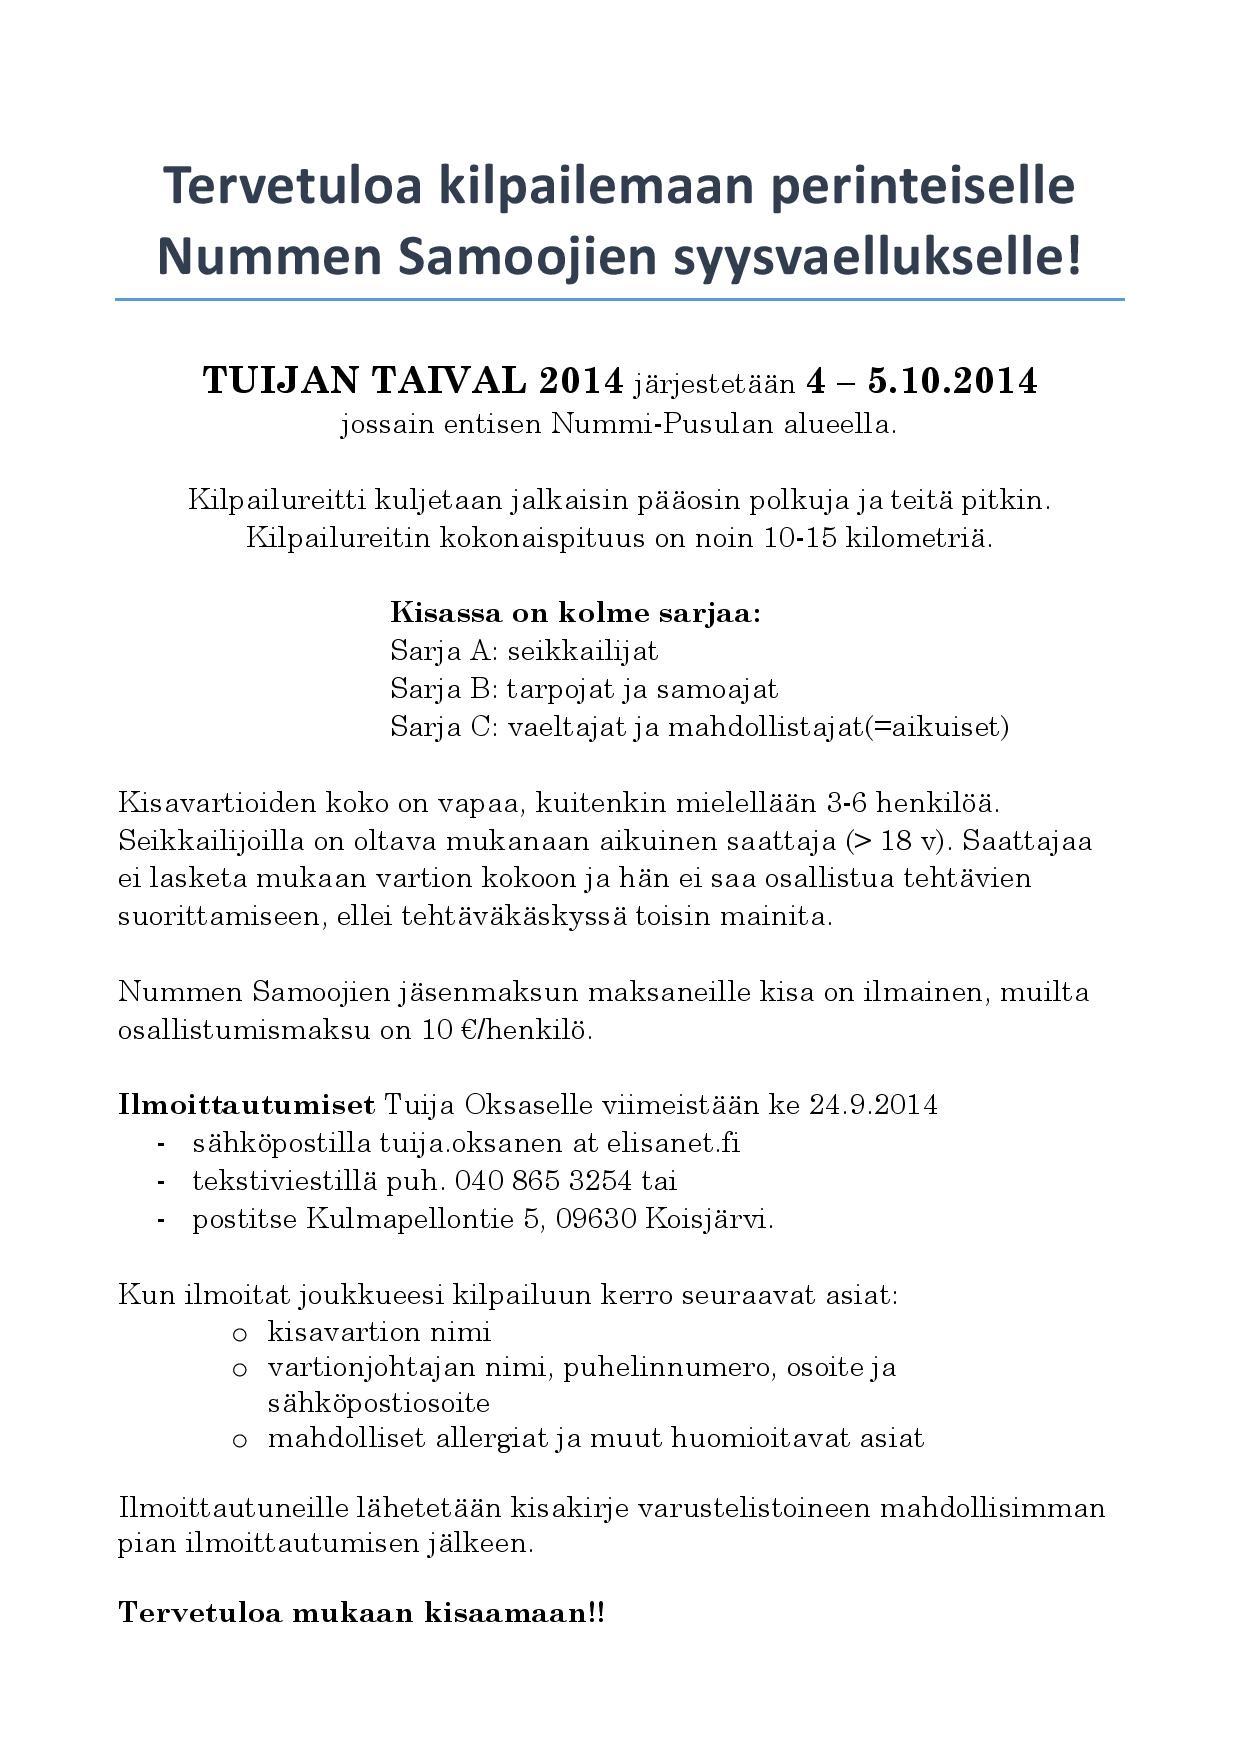 TuijanTaival2014 KUTSU-page-001